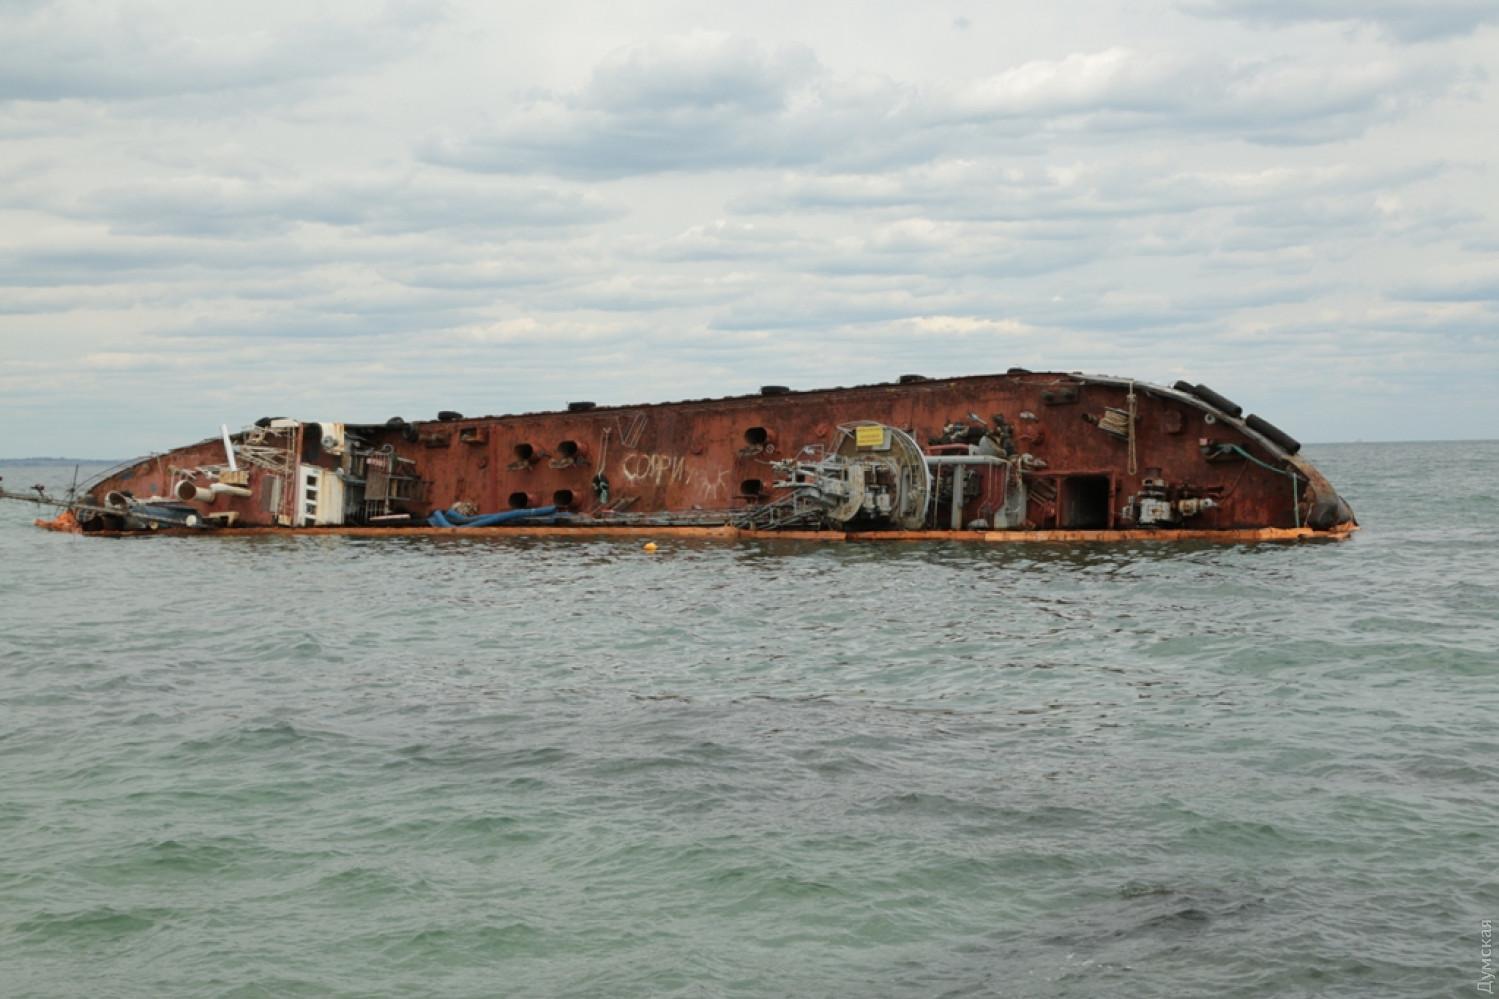 Куцый пообещал Зеленскому убрать с пляжа танкер Delfi до 20 июля